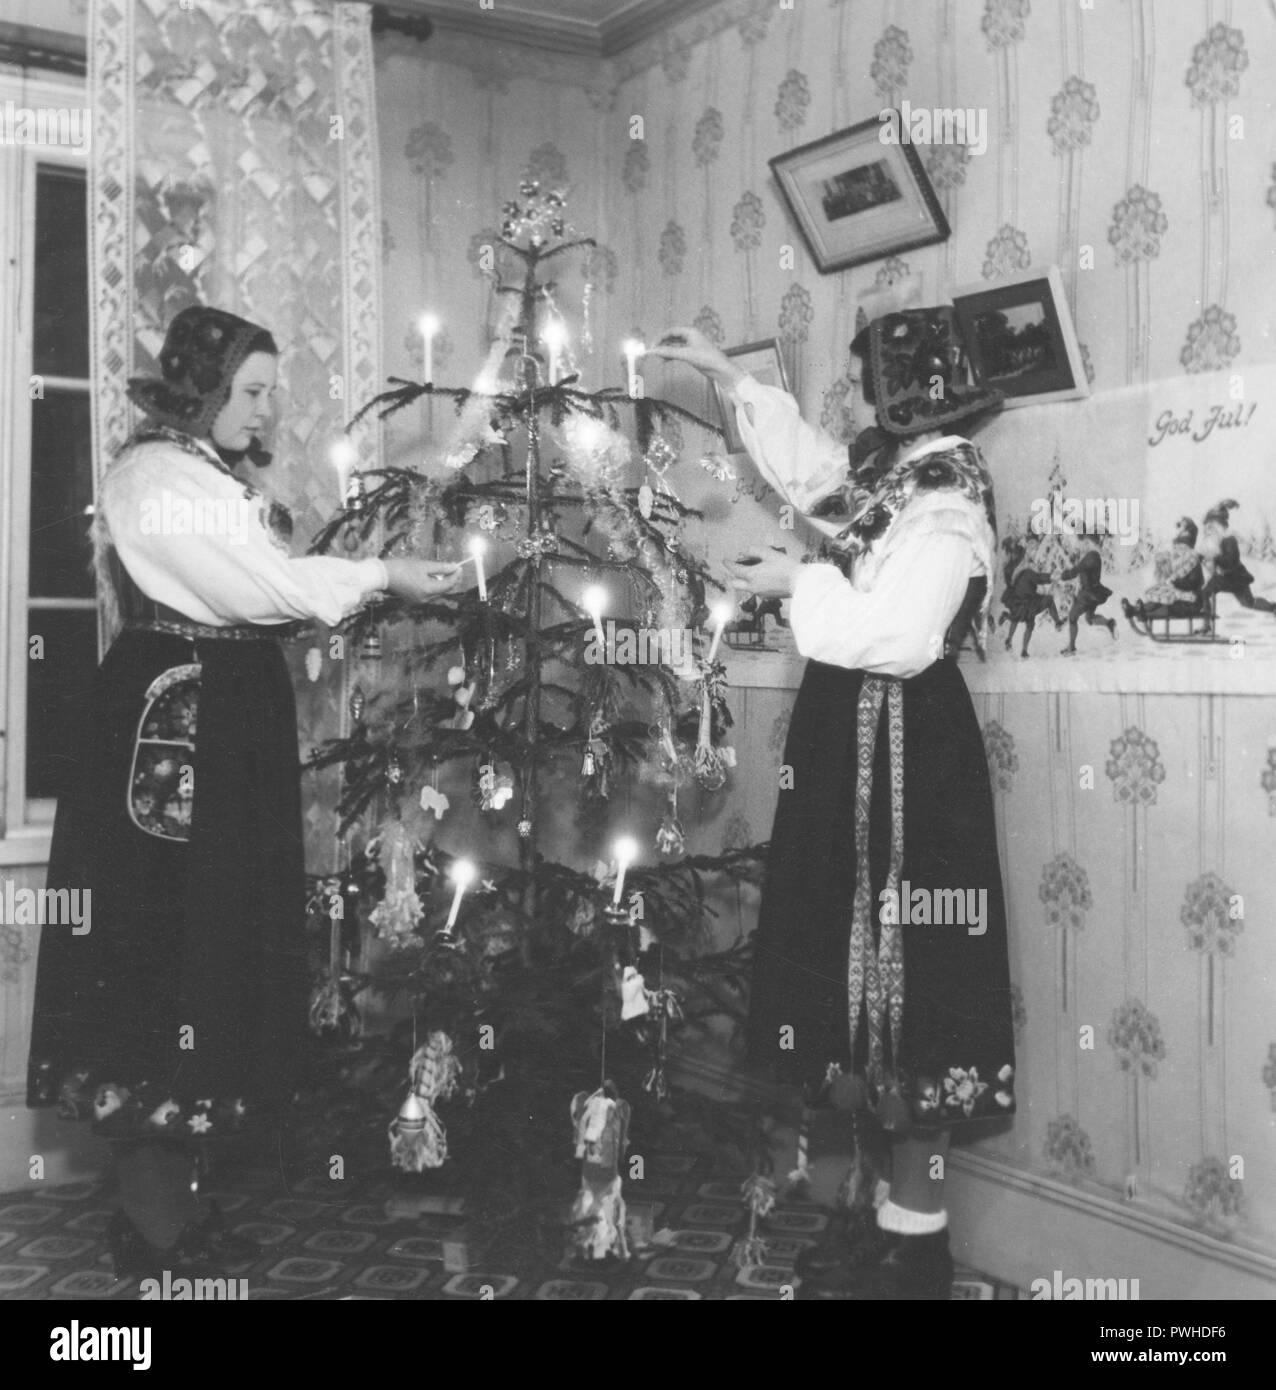 Weihnachten in den 1940er Jahren. Zwei junge Frauen in traditionellen schwedischen Kostüme sind Beleuchtung die Kerzen in der Weihnachtsbaum. Dalarna Schweden 1940 s Stockbild